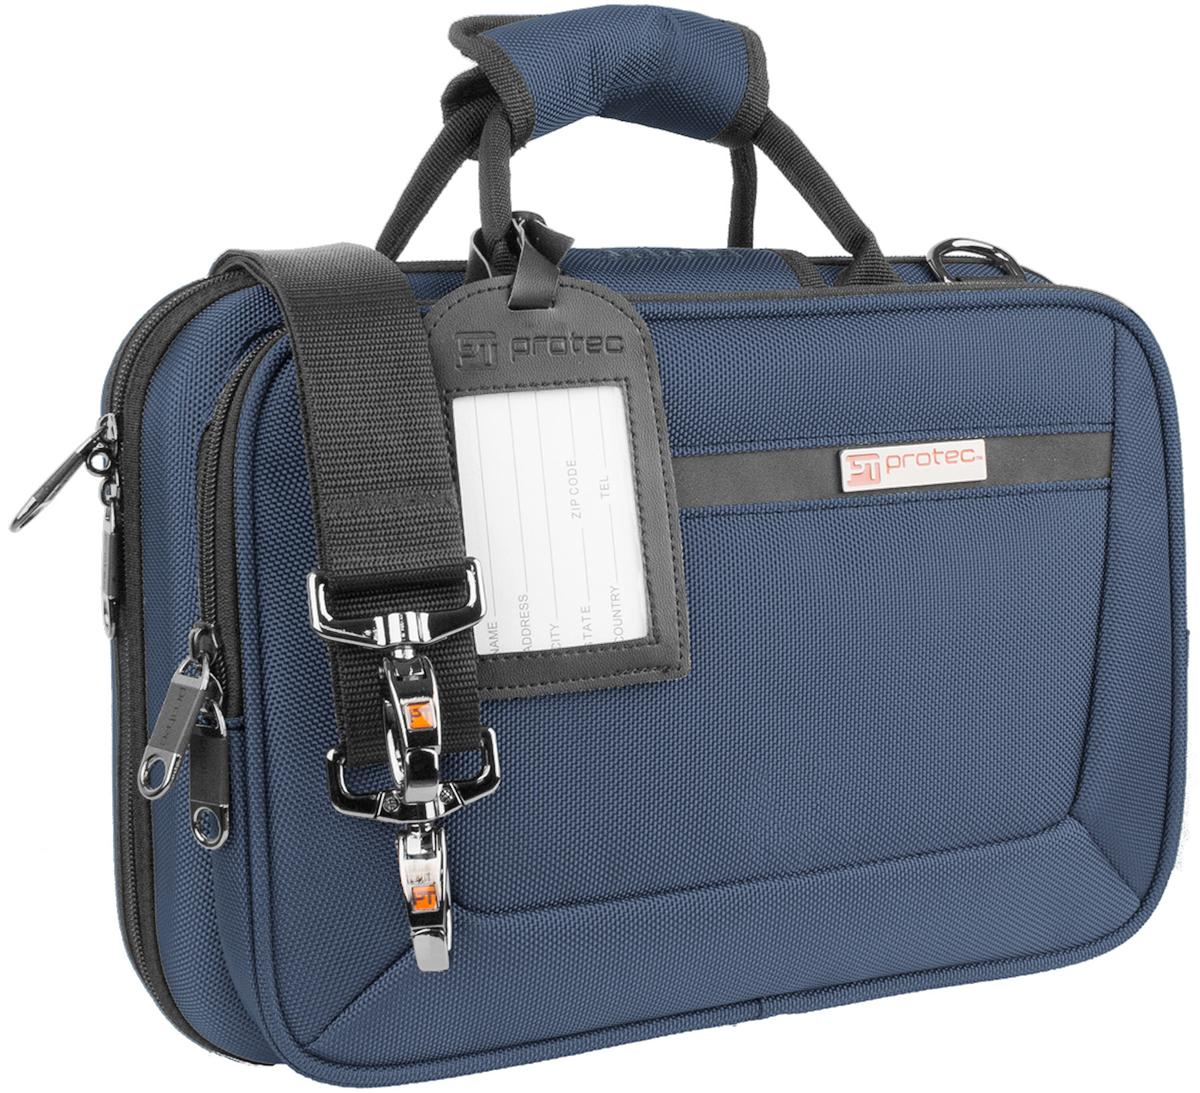 青色 クラリネット用ケース bag 至高 Bフラット ストラップ付き PROTEC プロテック PB-307 blue B♭ クラリネットケース ネイビー Case セール品 Clarinet PRO クラリネット用 ショルダータイプ ケース PAC Slimline セミハードケース ブルーー